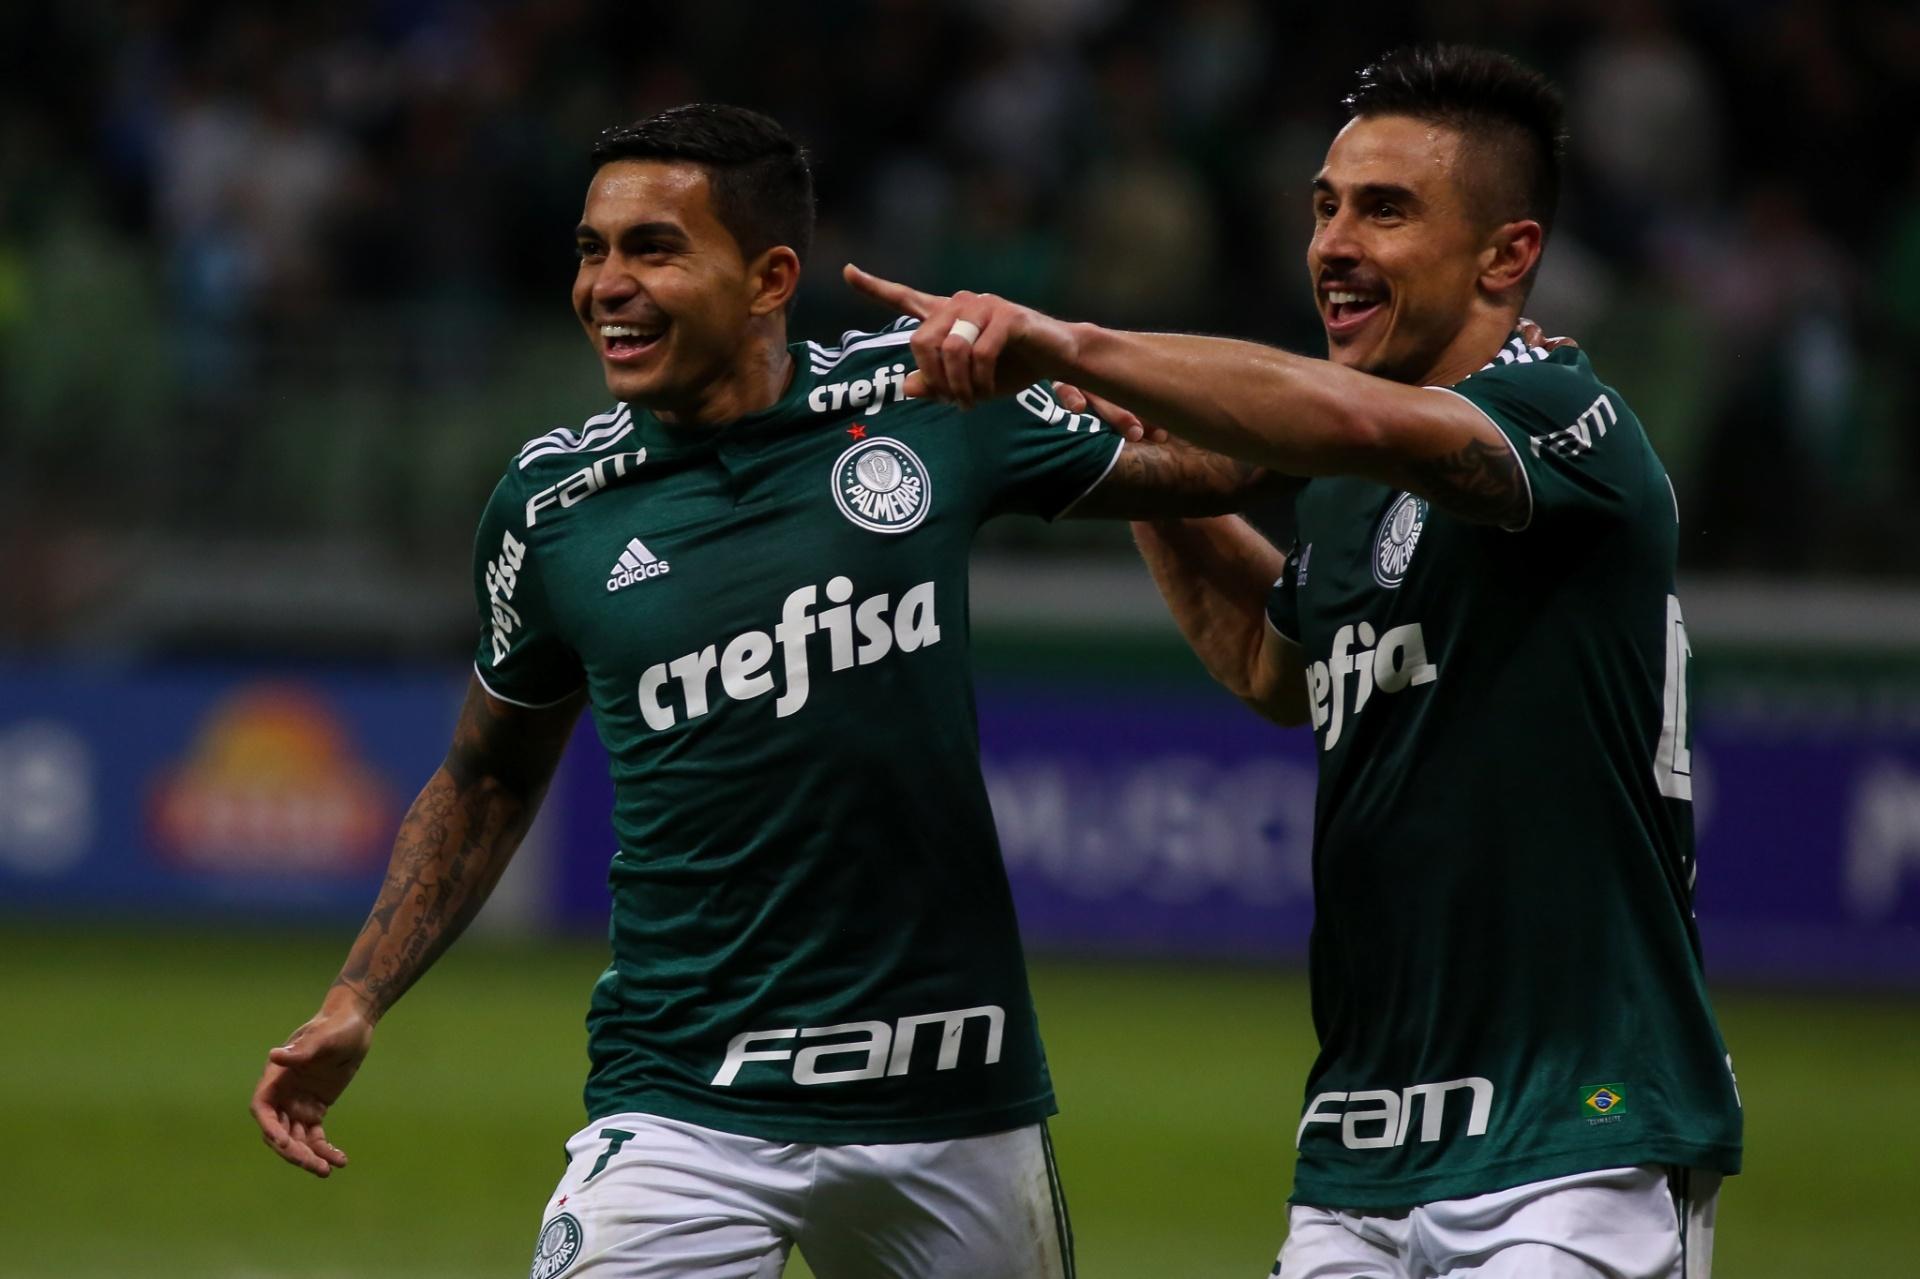 83df2856b7 Palmeiras bate Atlético-PR por 2 a 0 e já ameaça líderes do Brasileirão -  Esporte - BOL